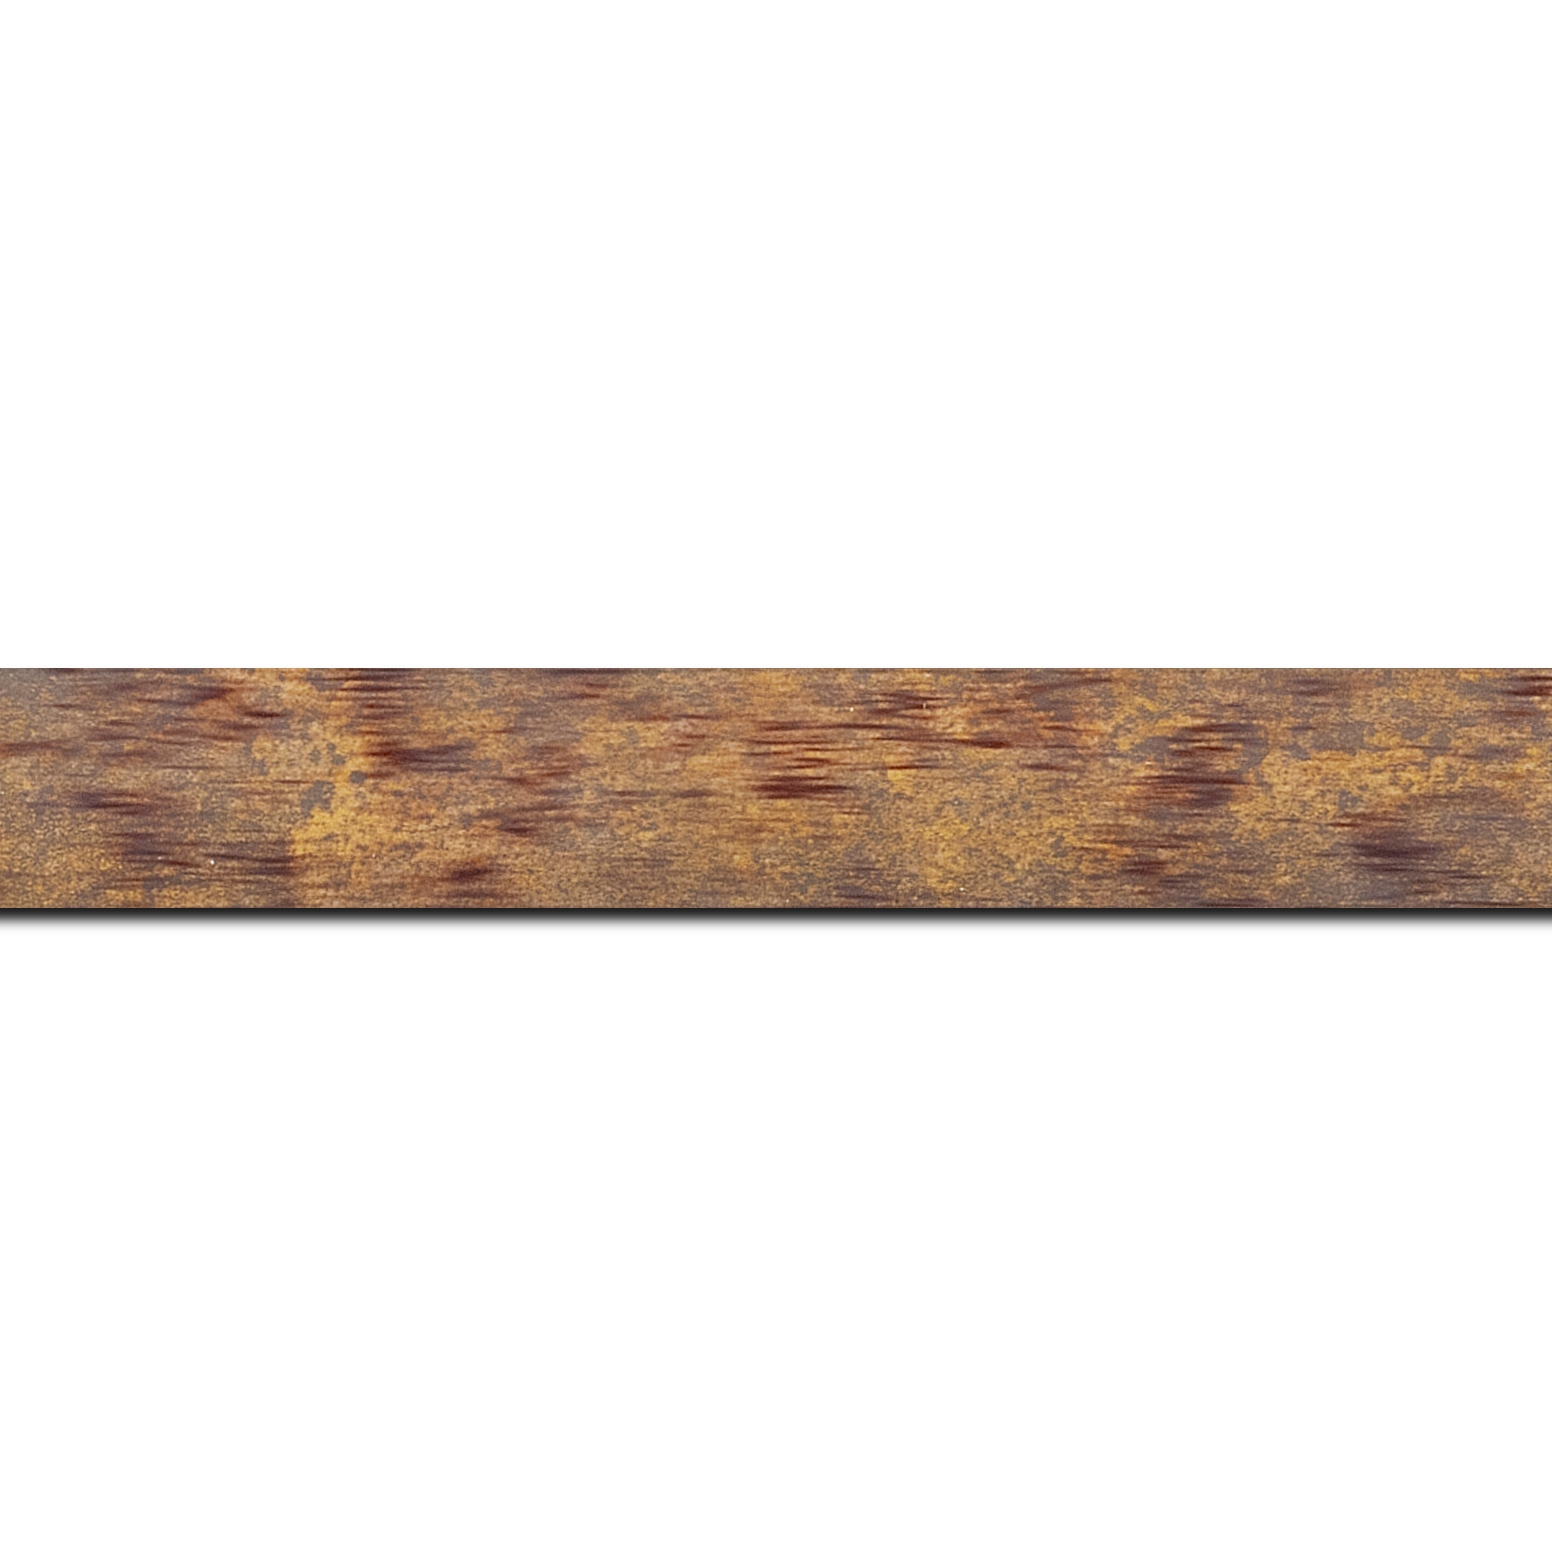 Pack par 12m, bois profil concave largeur 2.4cm de couleur bordeaux patiné fond or(longueur baguette pouvant varier entre 2.40m et 3m selon arrivage des bois)